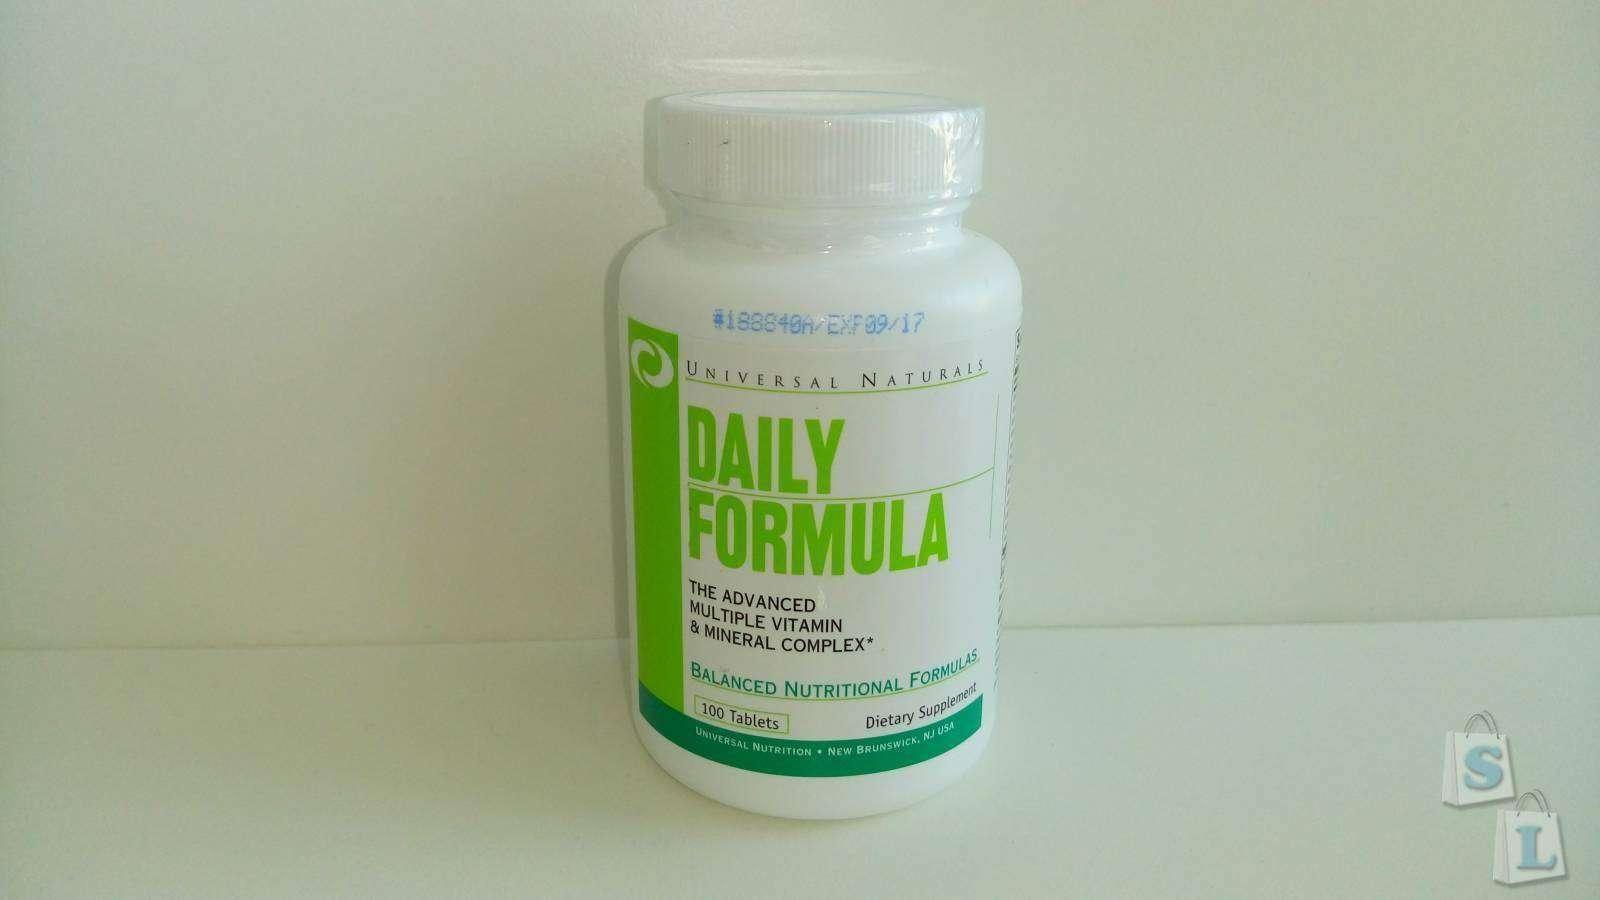 Другие - Украина: Атлетические крючки Trec Nutrition и витамины Daily Formula